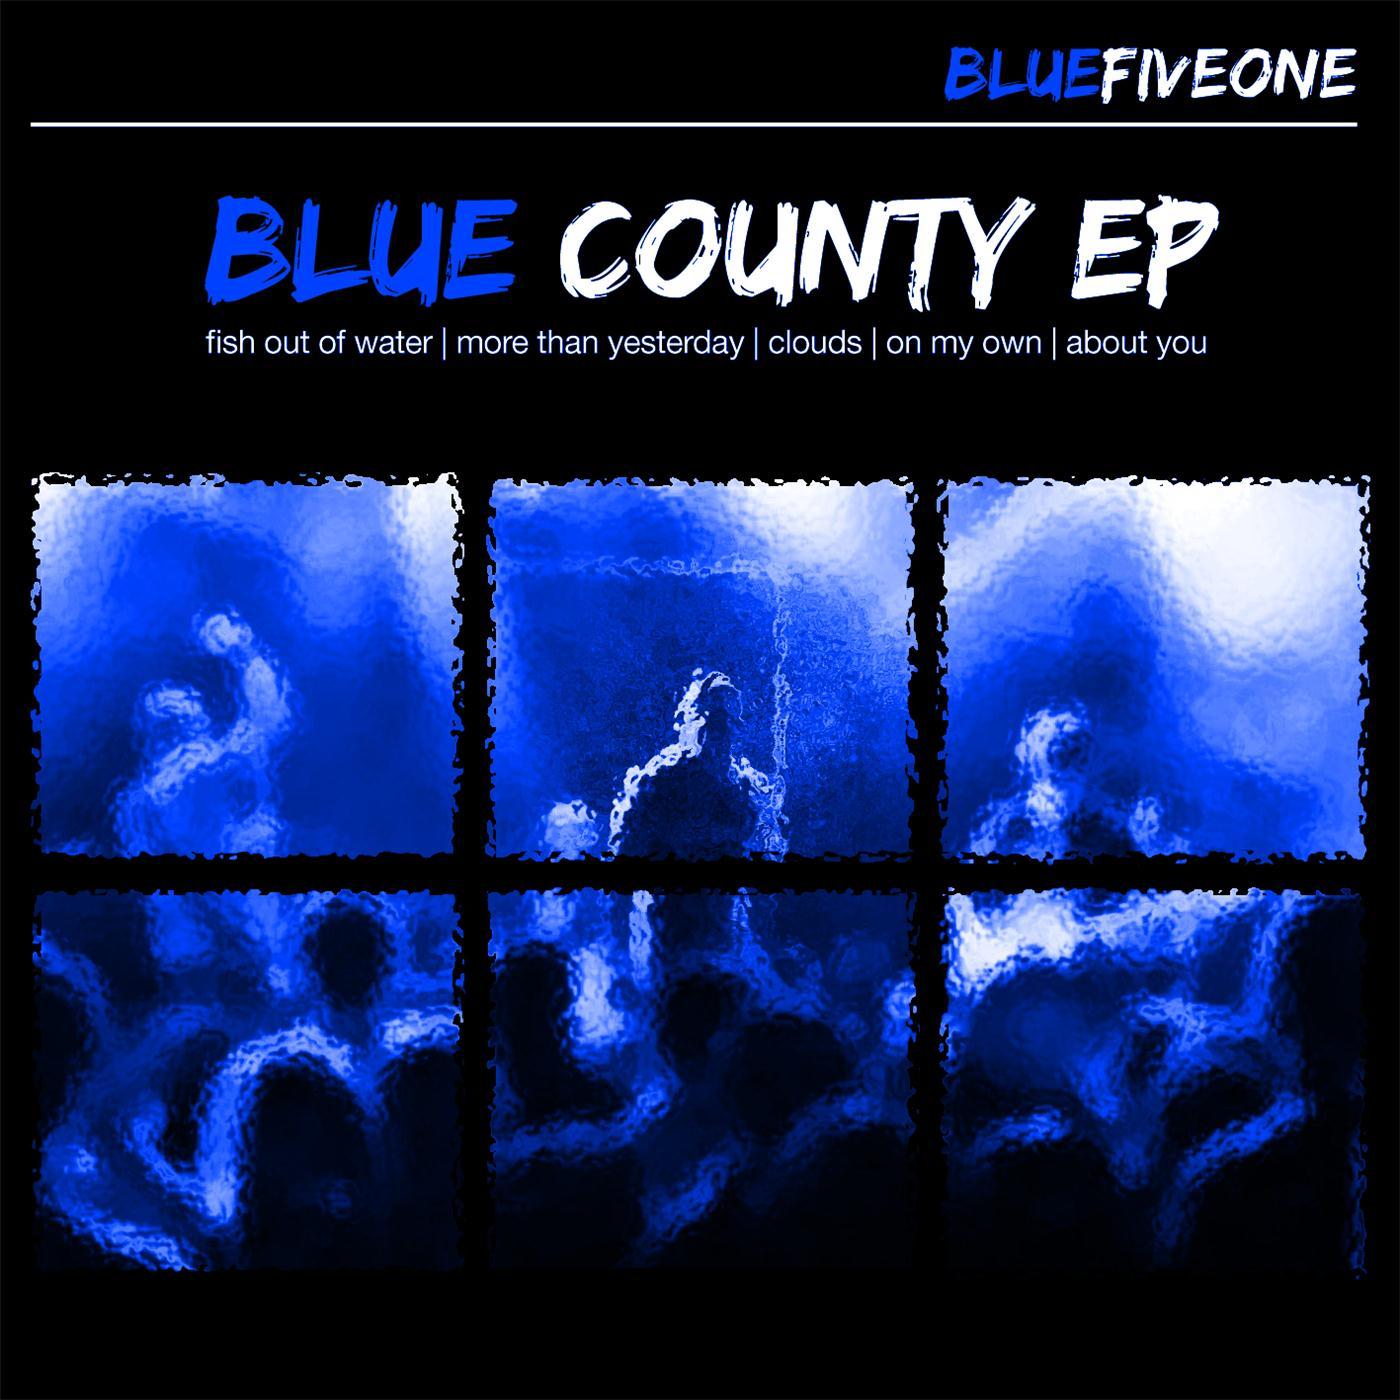 BLUE Fiveone